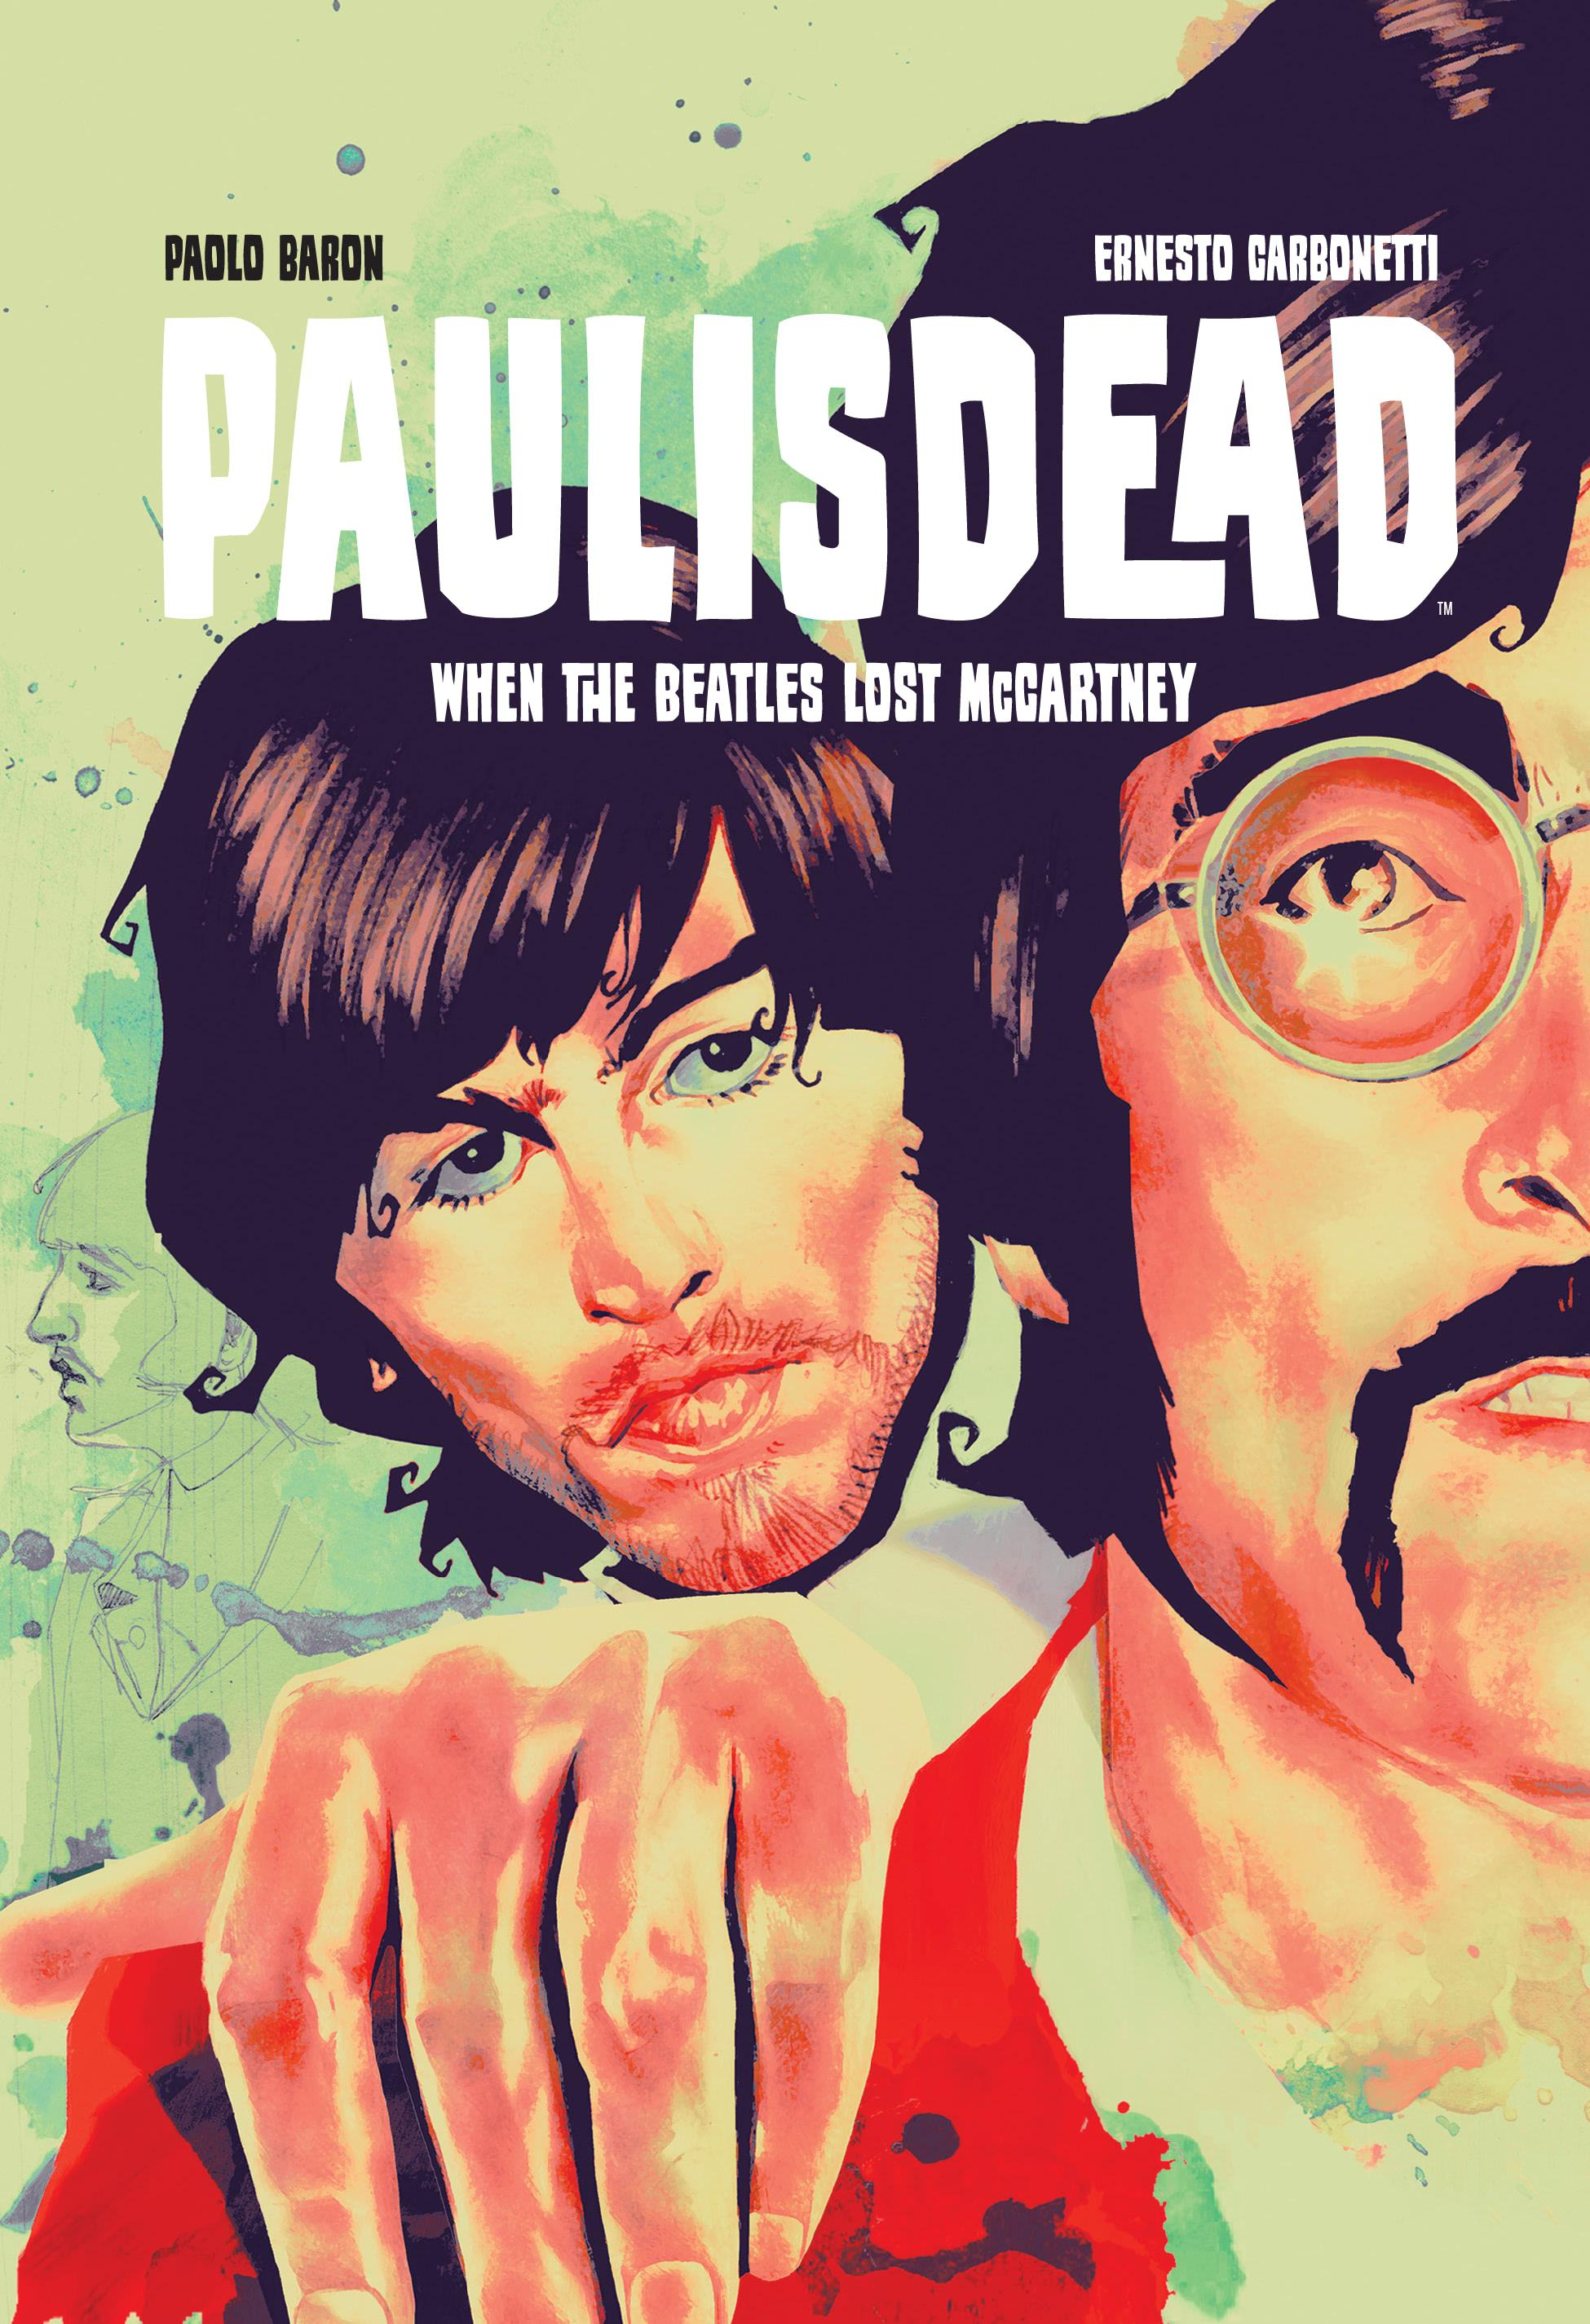 Paul is Dead-When the Beatles Lost McCartney 2020 Digital Relic